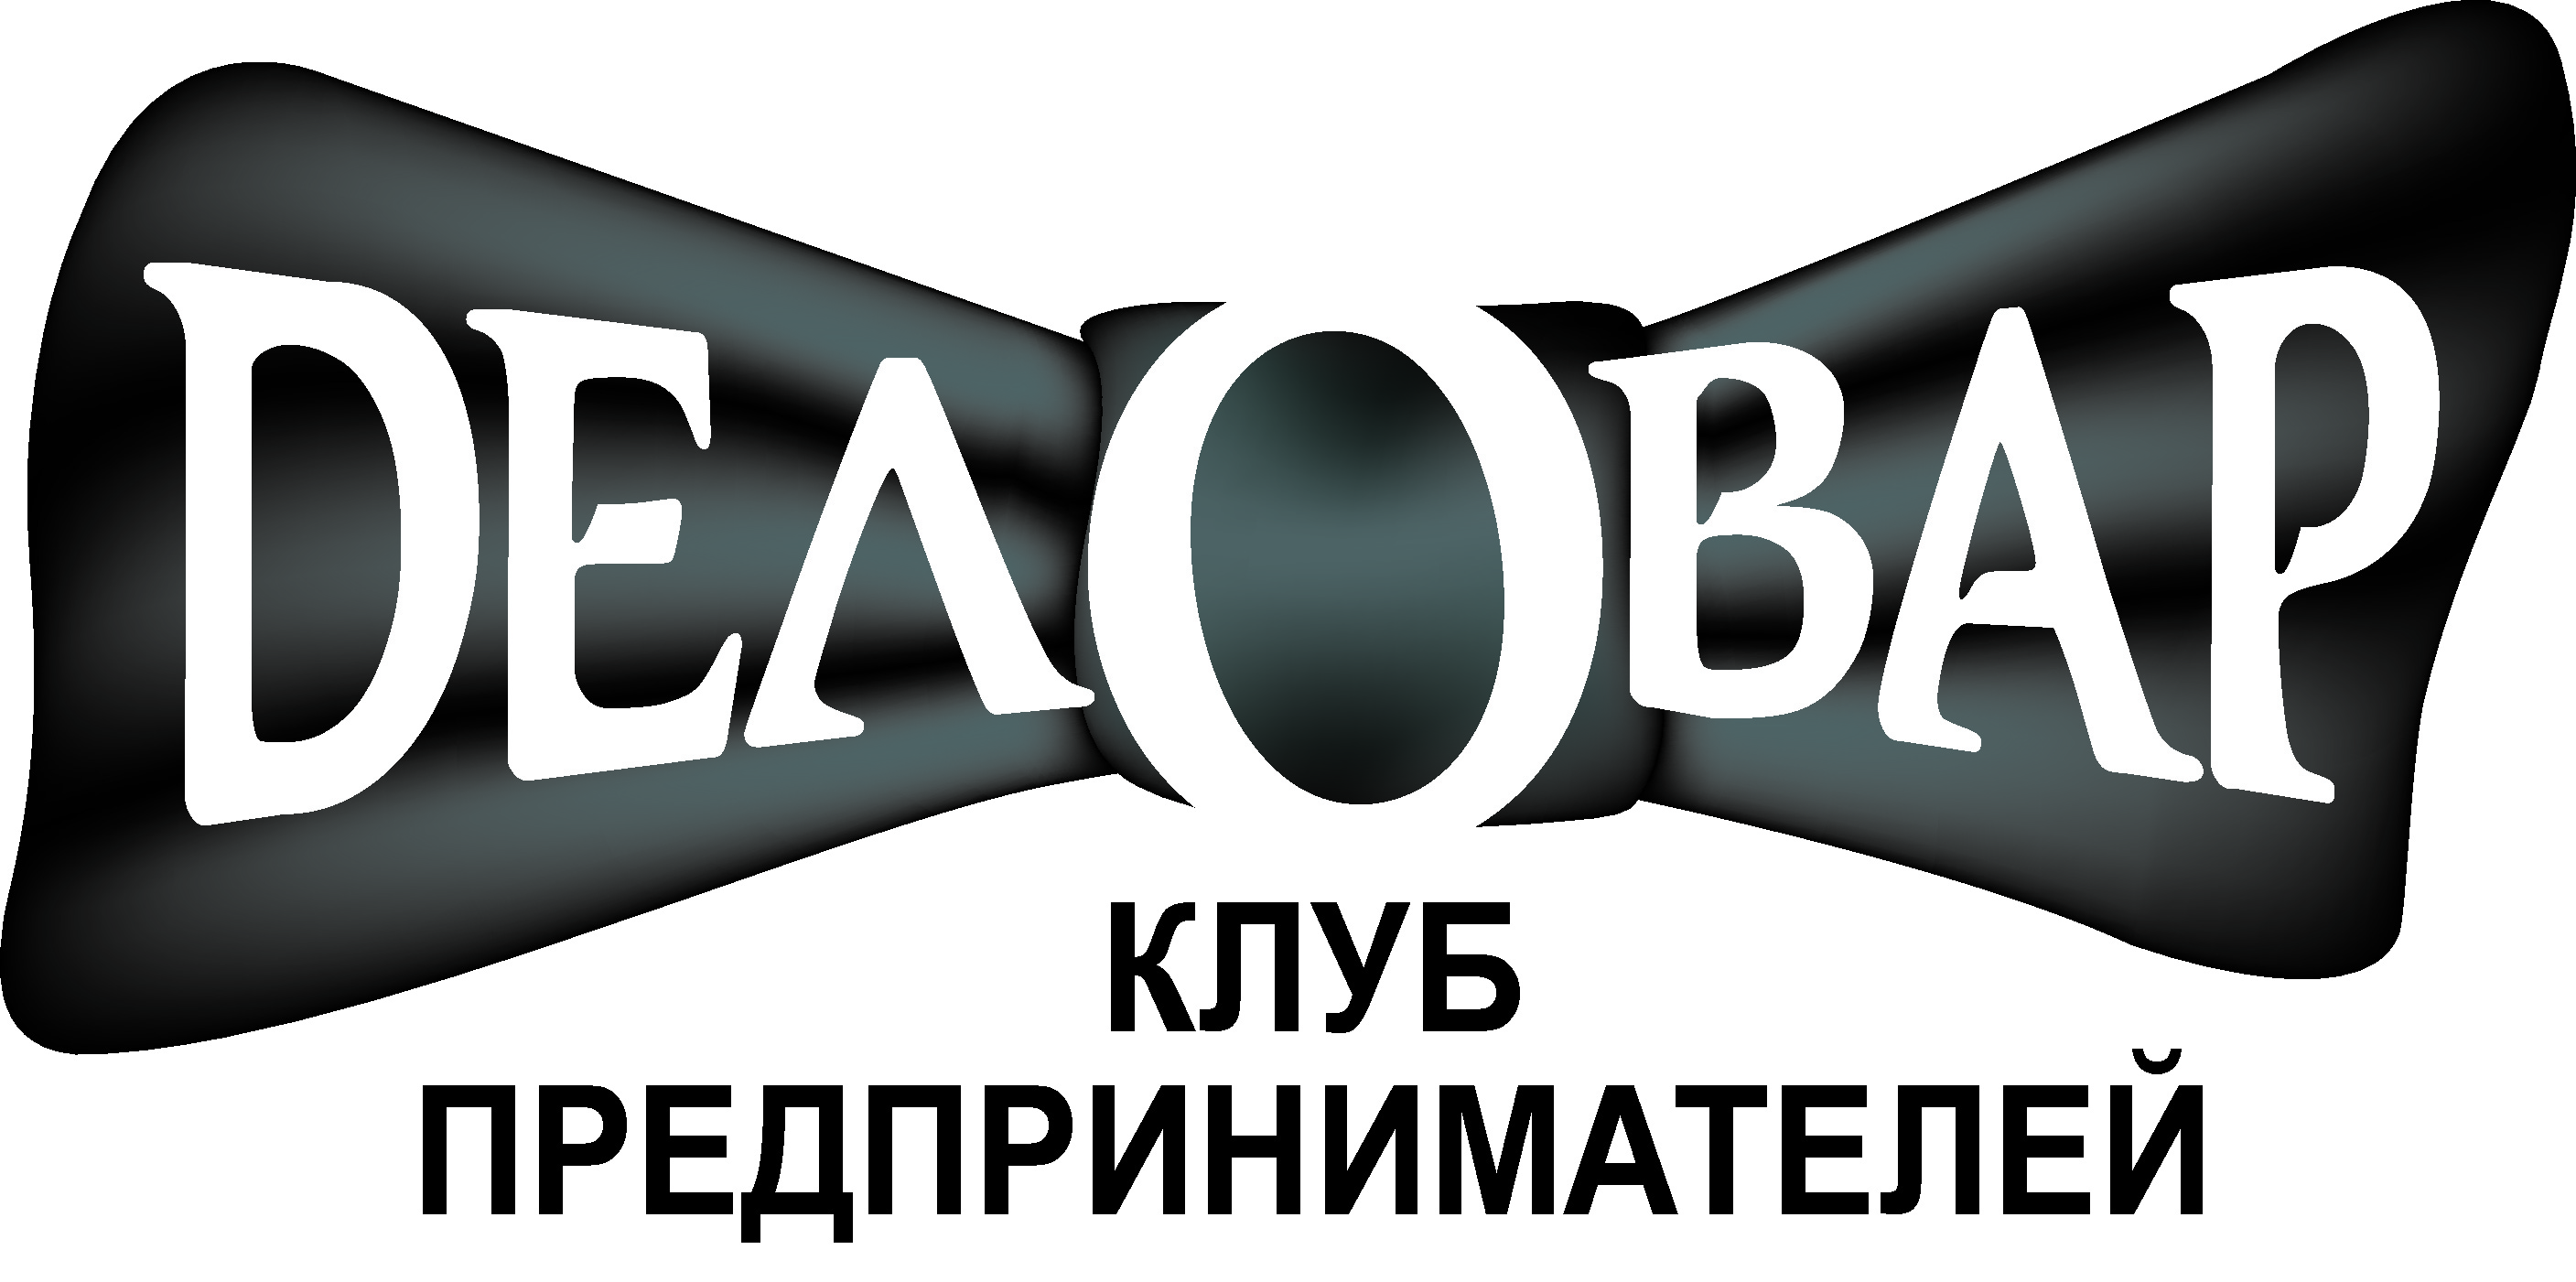 """Логотип и фирм. стиль для Клуба предпринимателей """"Деловар"""" фото f_50447c192852b.jpg"""